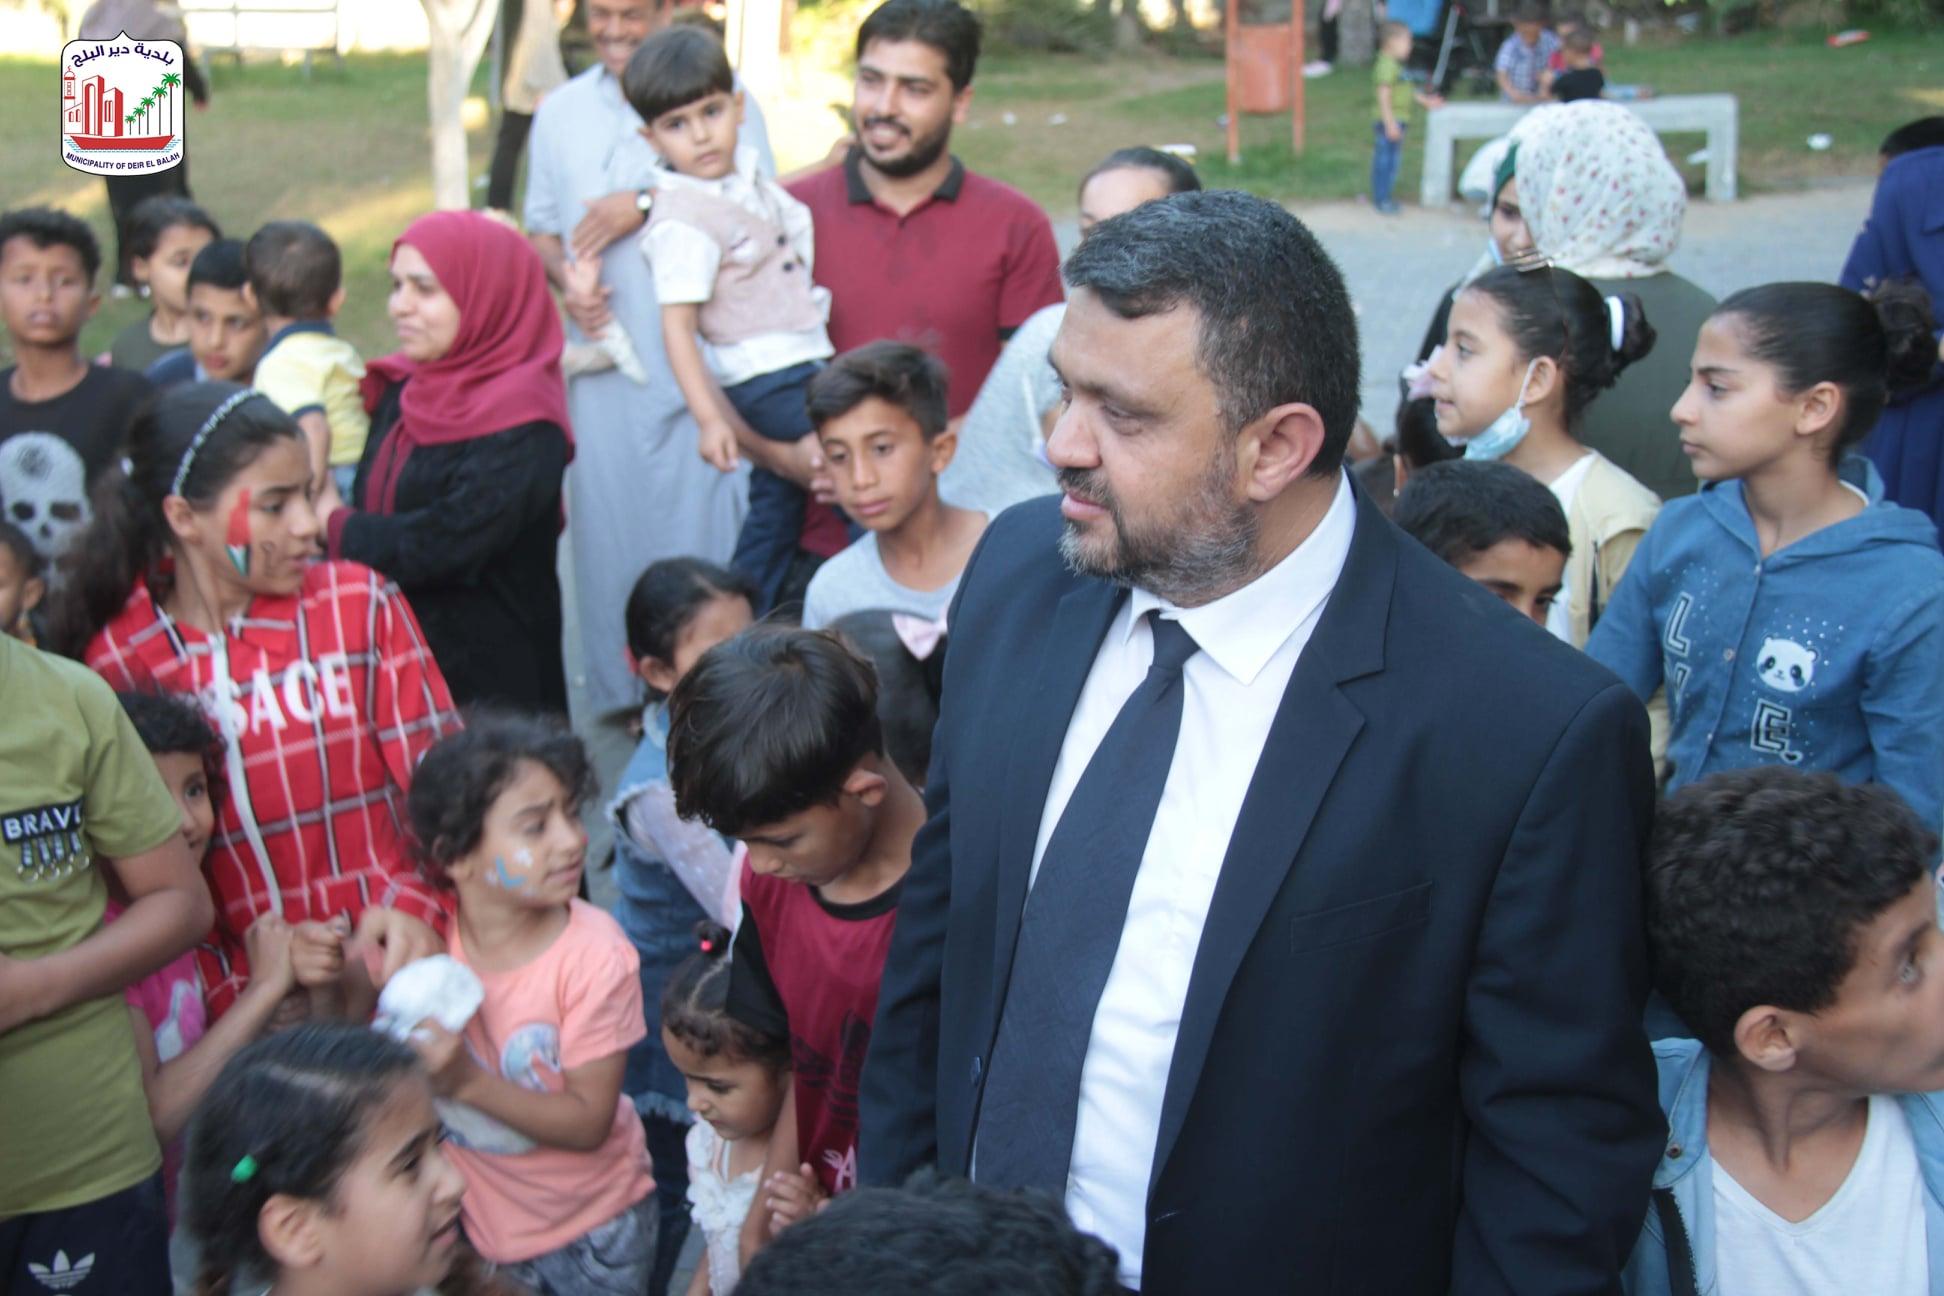 توزيع الألعاب و الحلويات على الأطفال داخل منتزه بلدية دير البلح (المحطة)